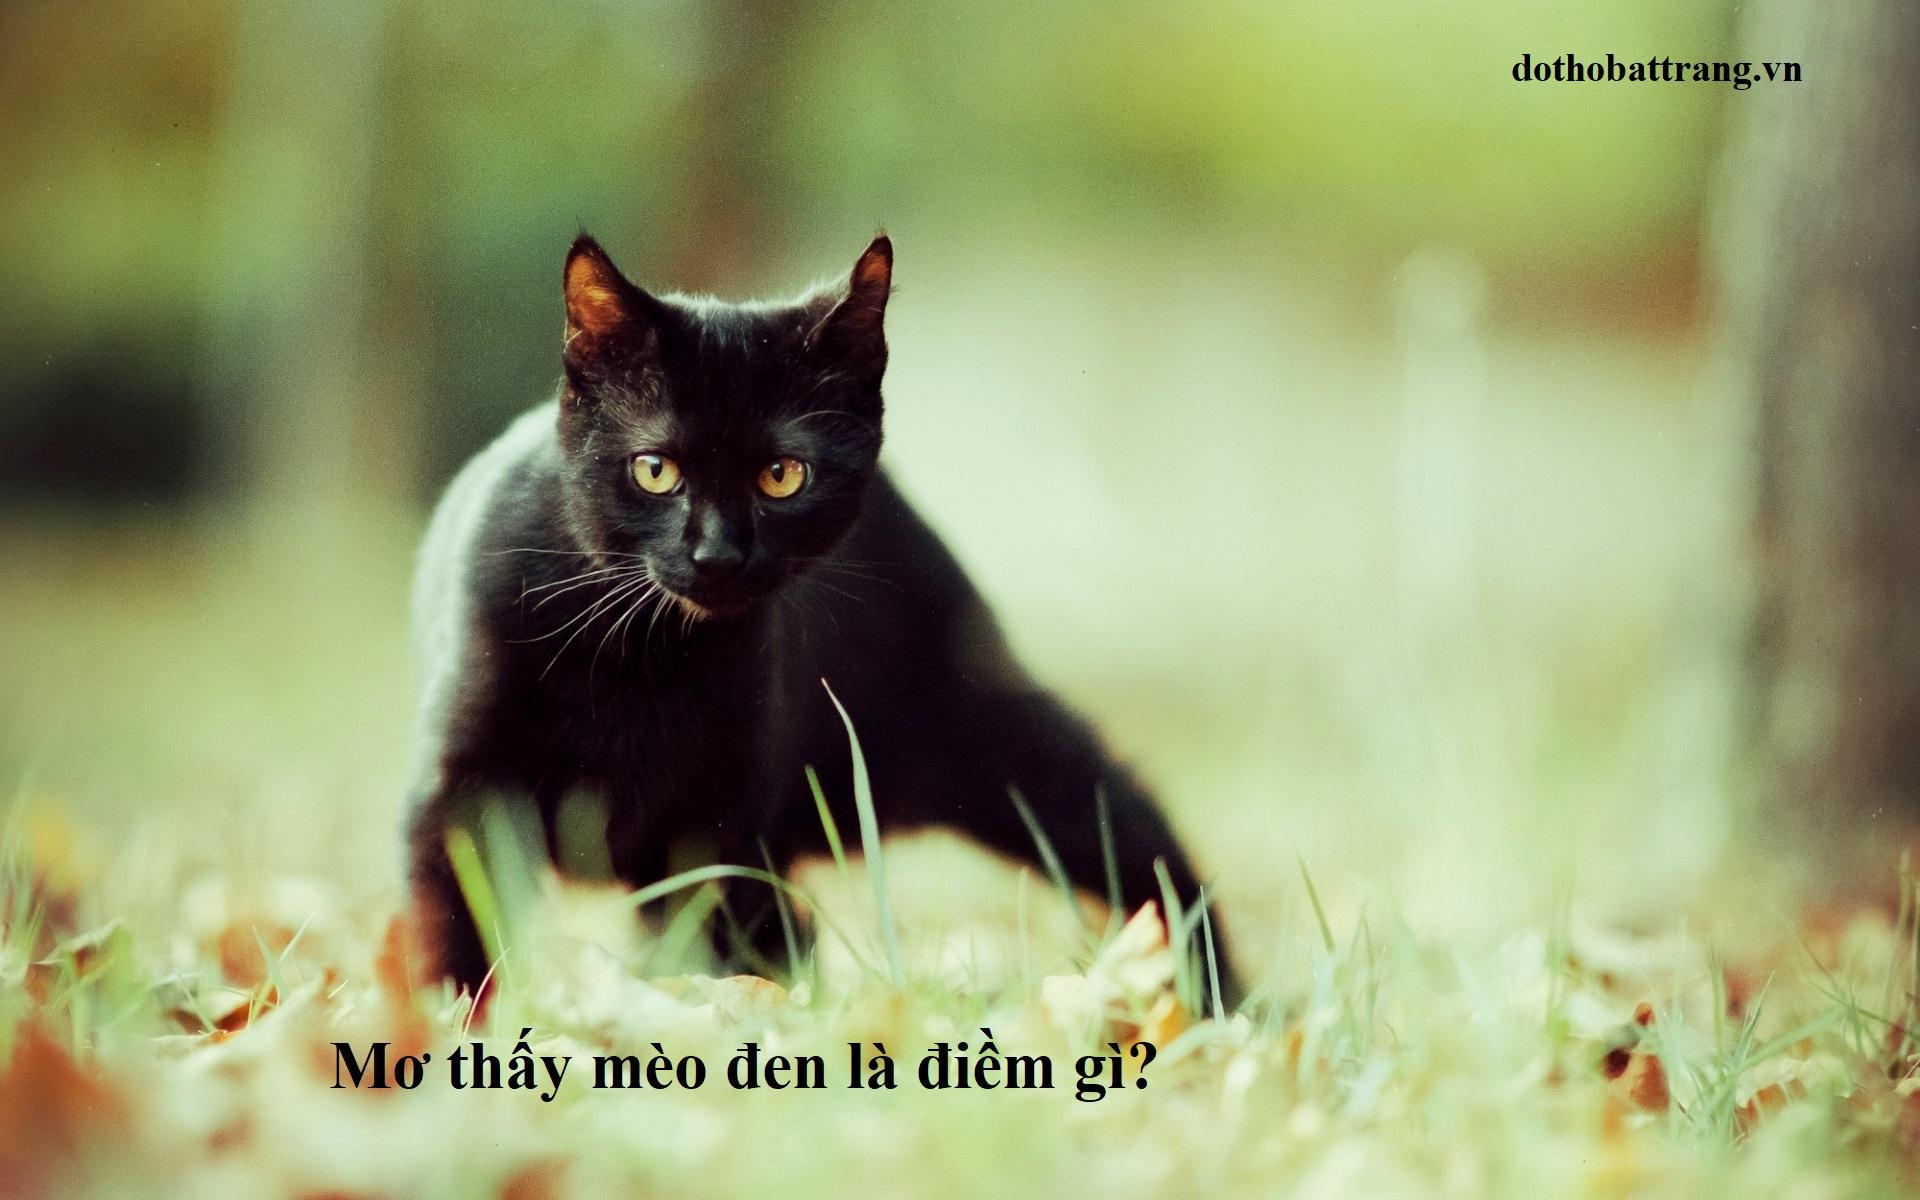 Mơ thấy mèo đen là điềm gì